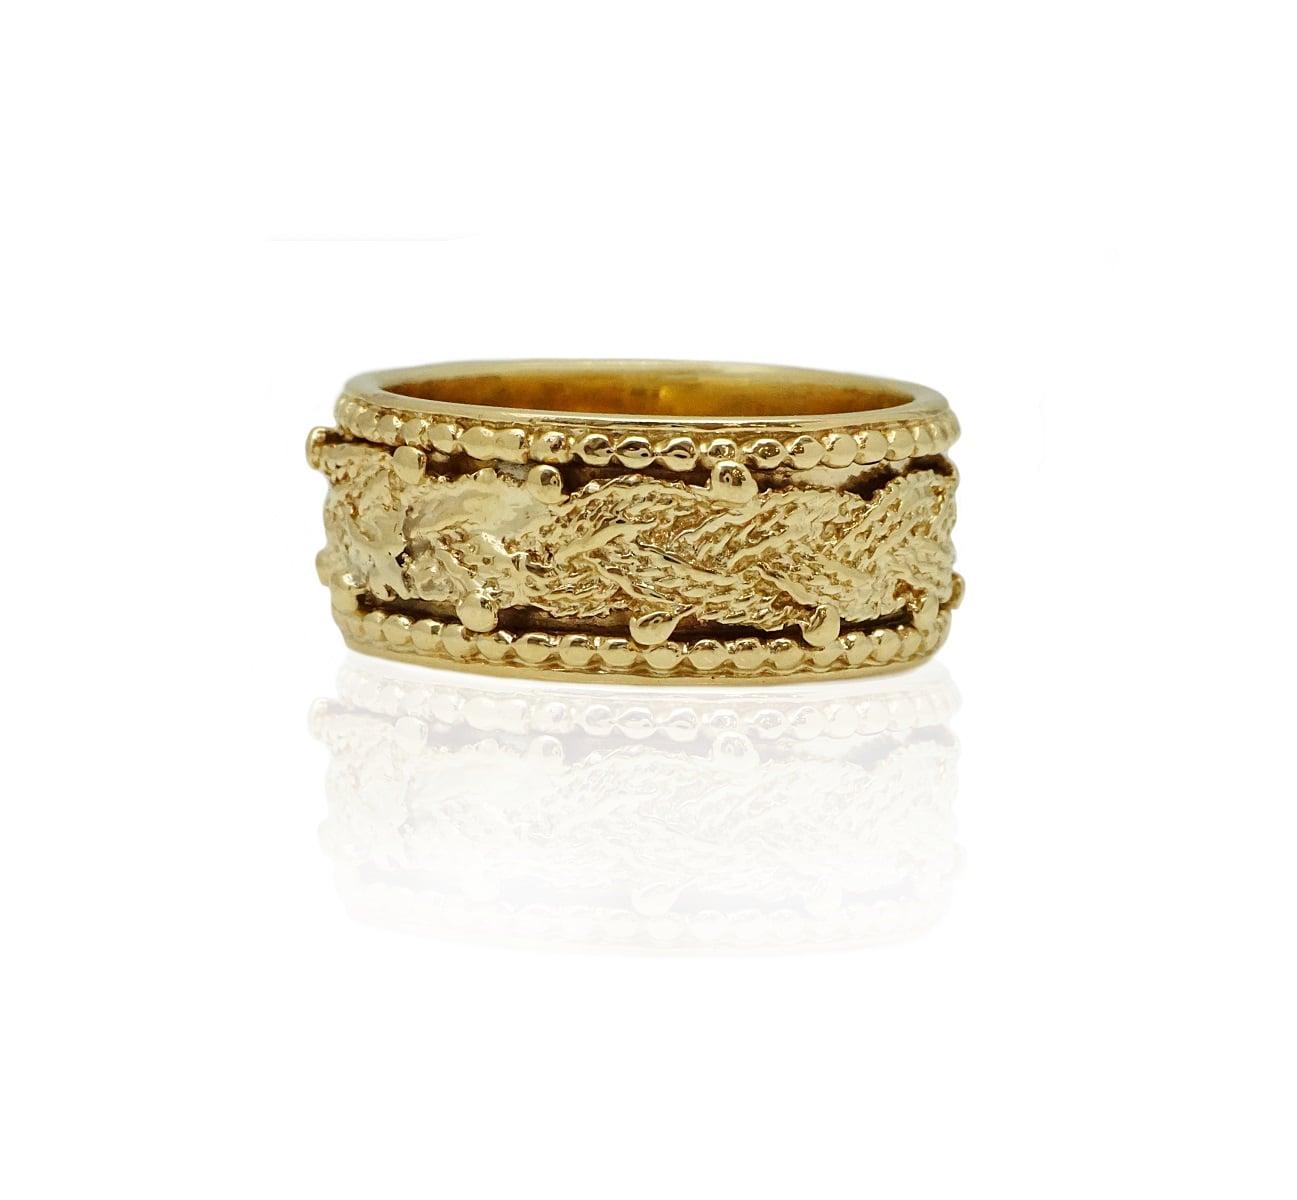 טבעת זהב עבה מלאת נוכחות עם עיטורי זהב